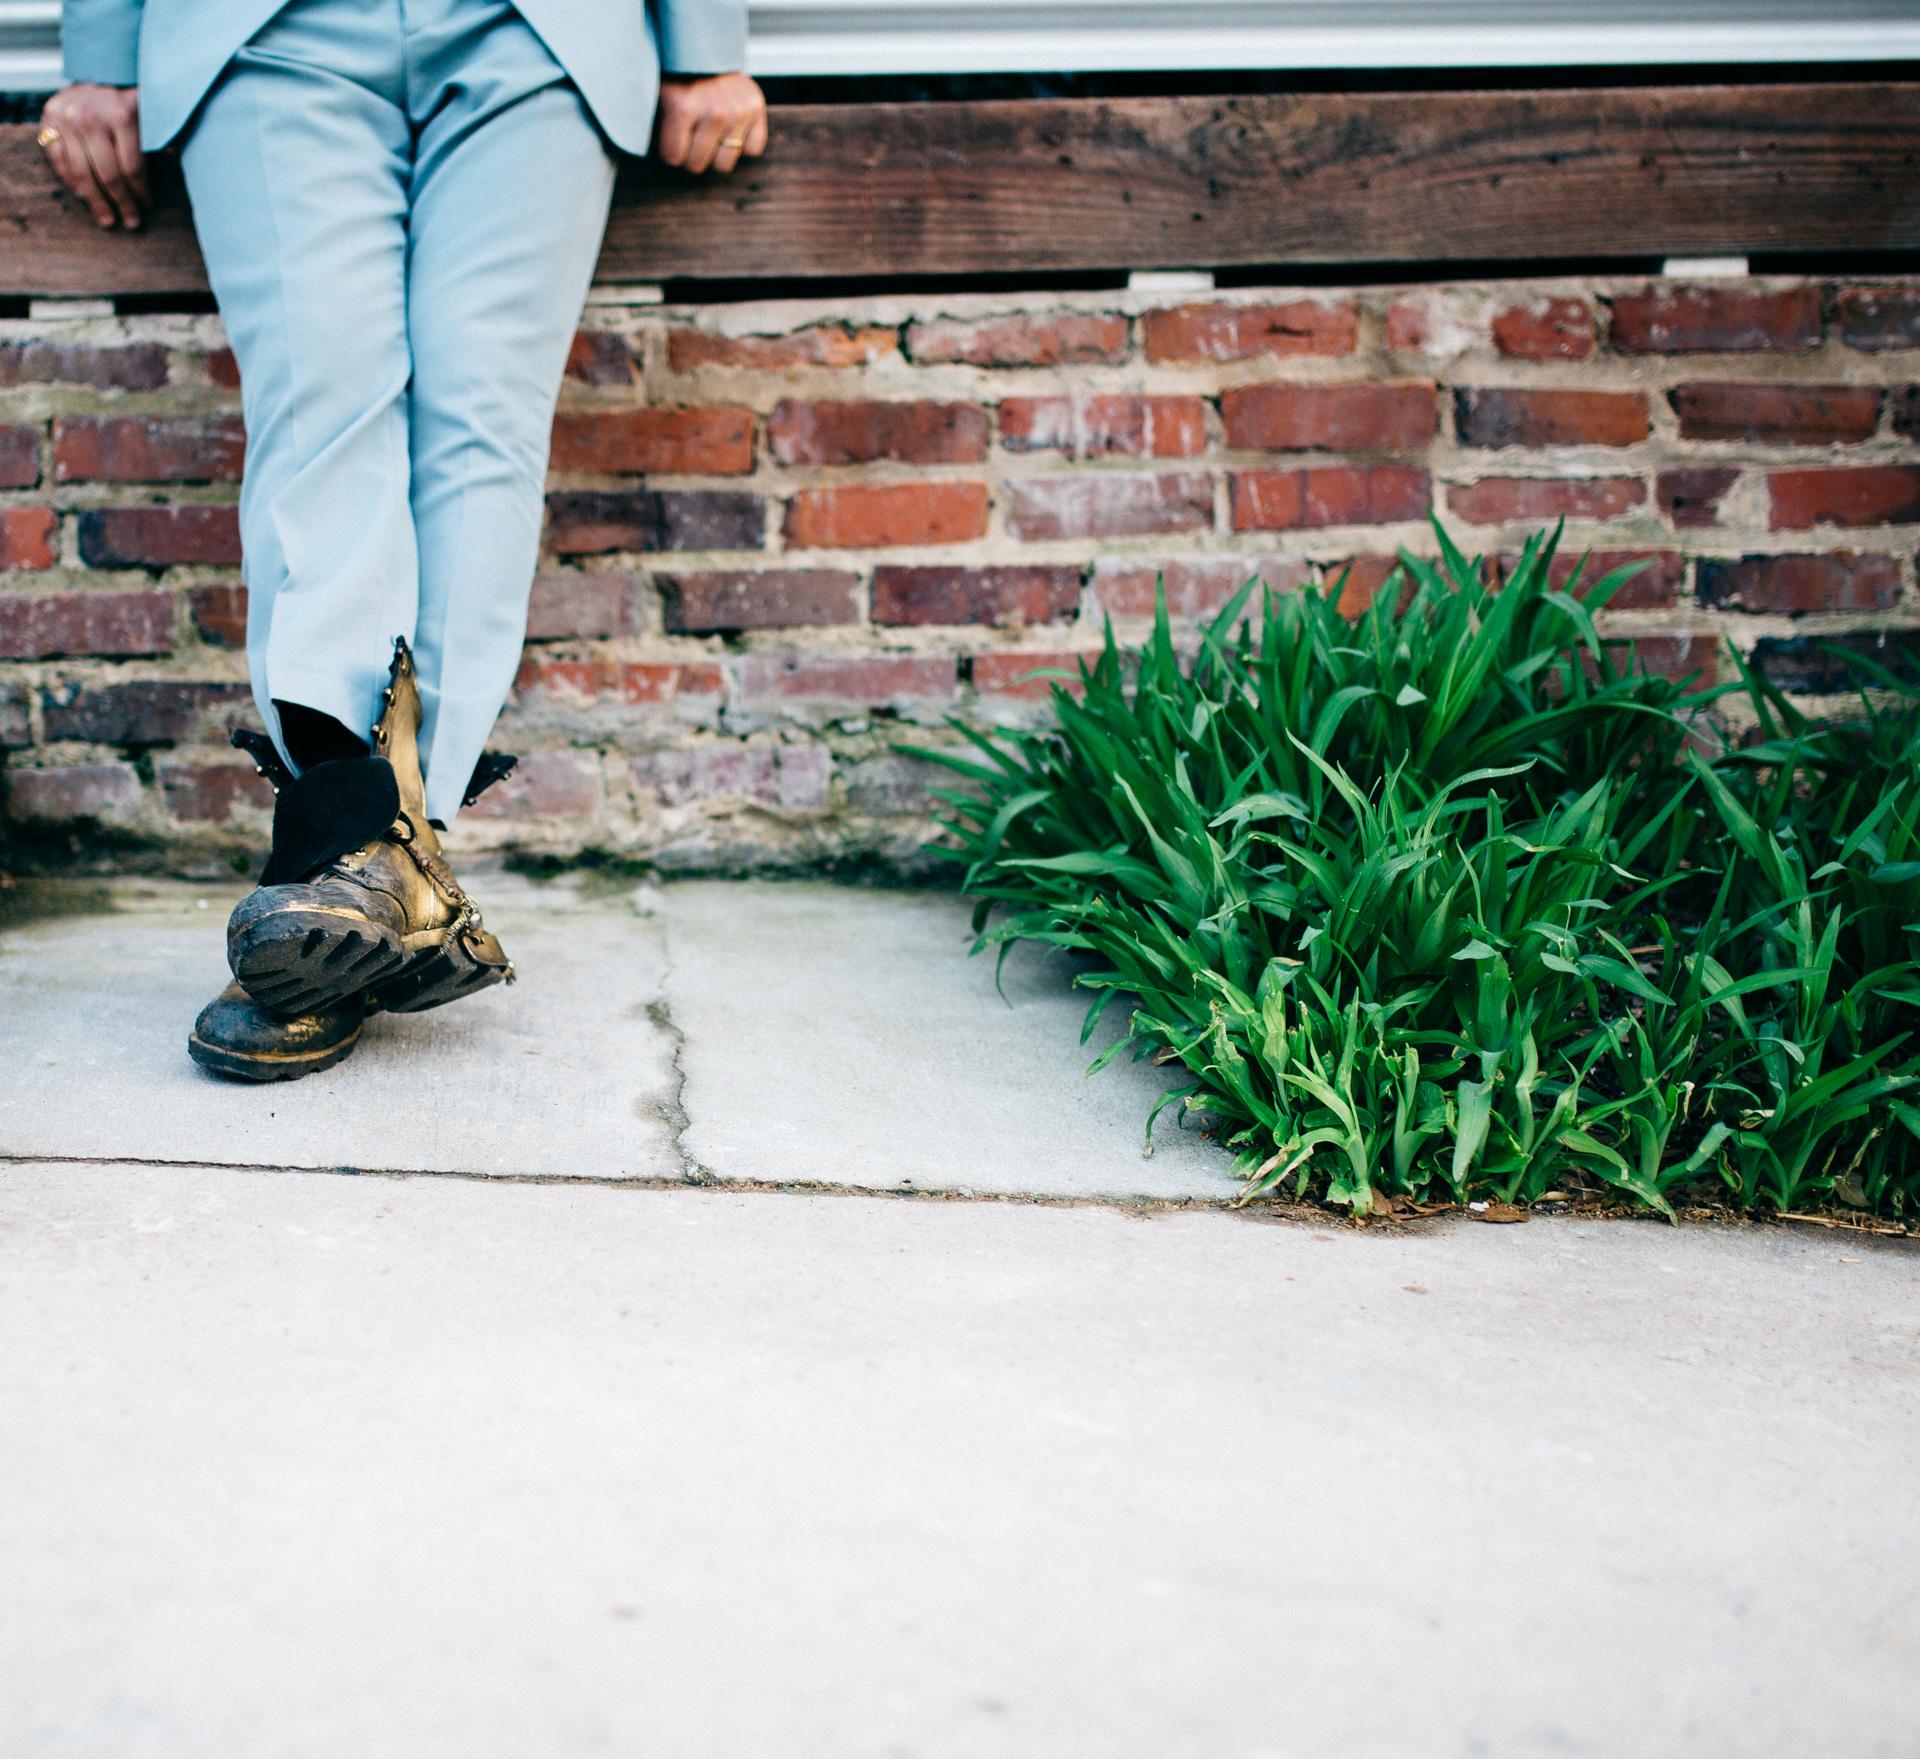 Jason-kutchma-musician-photography-36.jpg